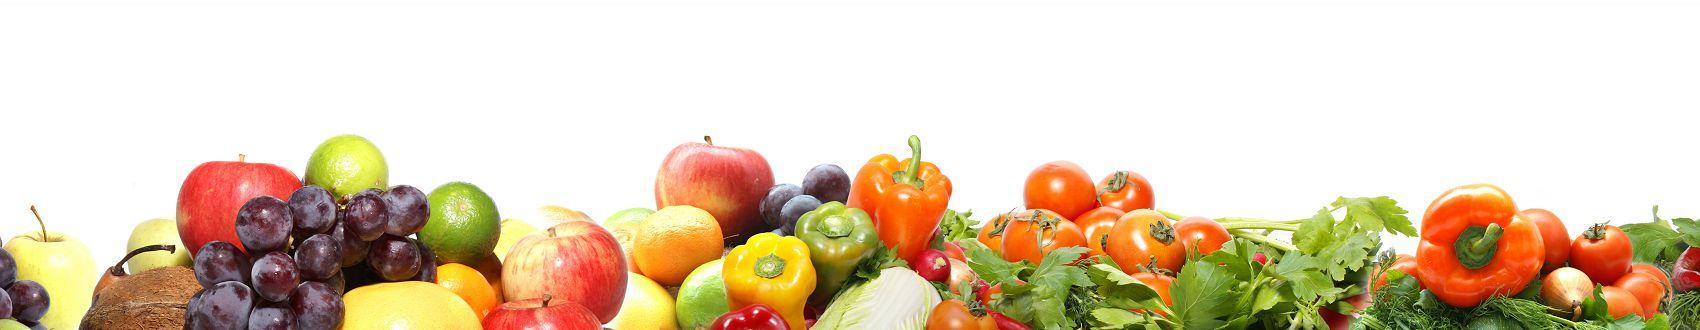 Скинали фрукты овощи